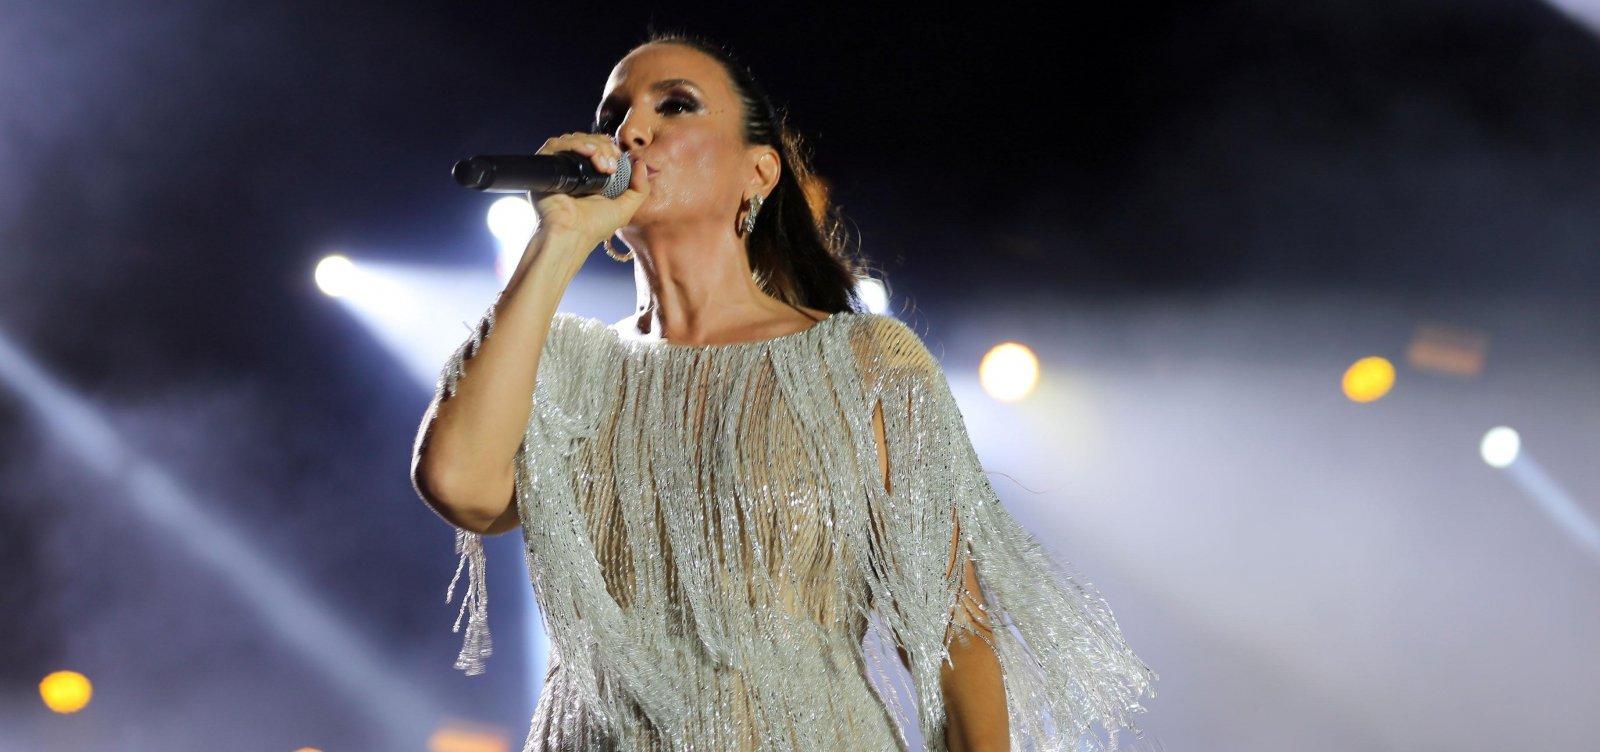 Globo cancela transmissão nacional do Festival da Virada em Salvador